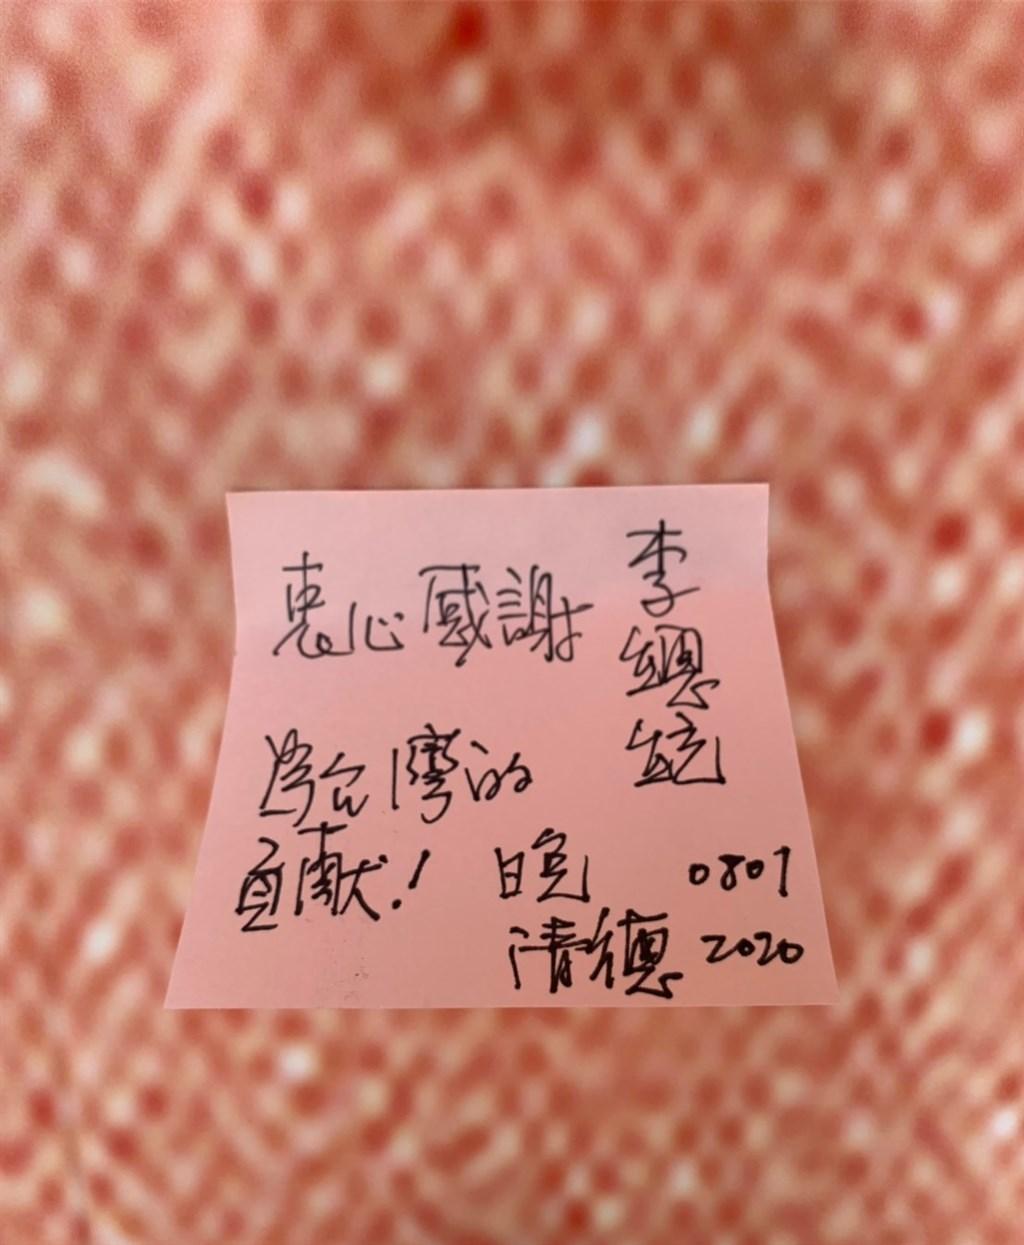 前總統李登輝位於台北賓館的追思會場1日上午開放,副總統賴清德前往追思,寫下「衷心感謝李總統為台灣的貢獻」字條。(總統府提供)